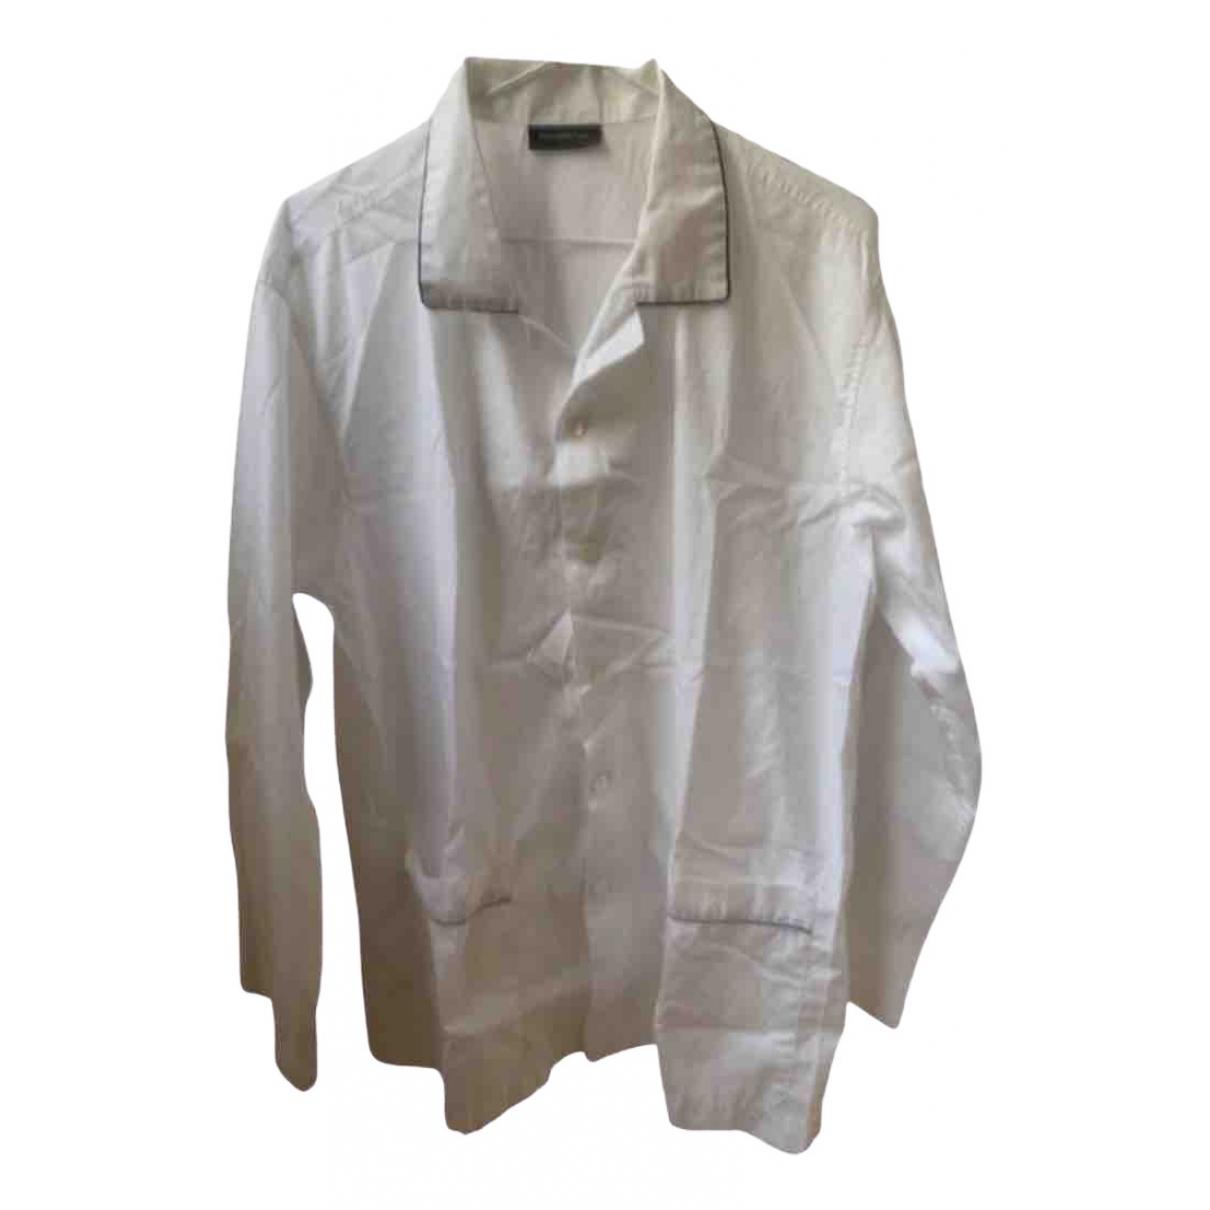 Textil de hogar Ermenegildo Zegna